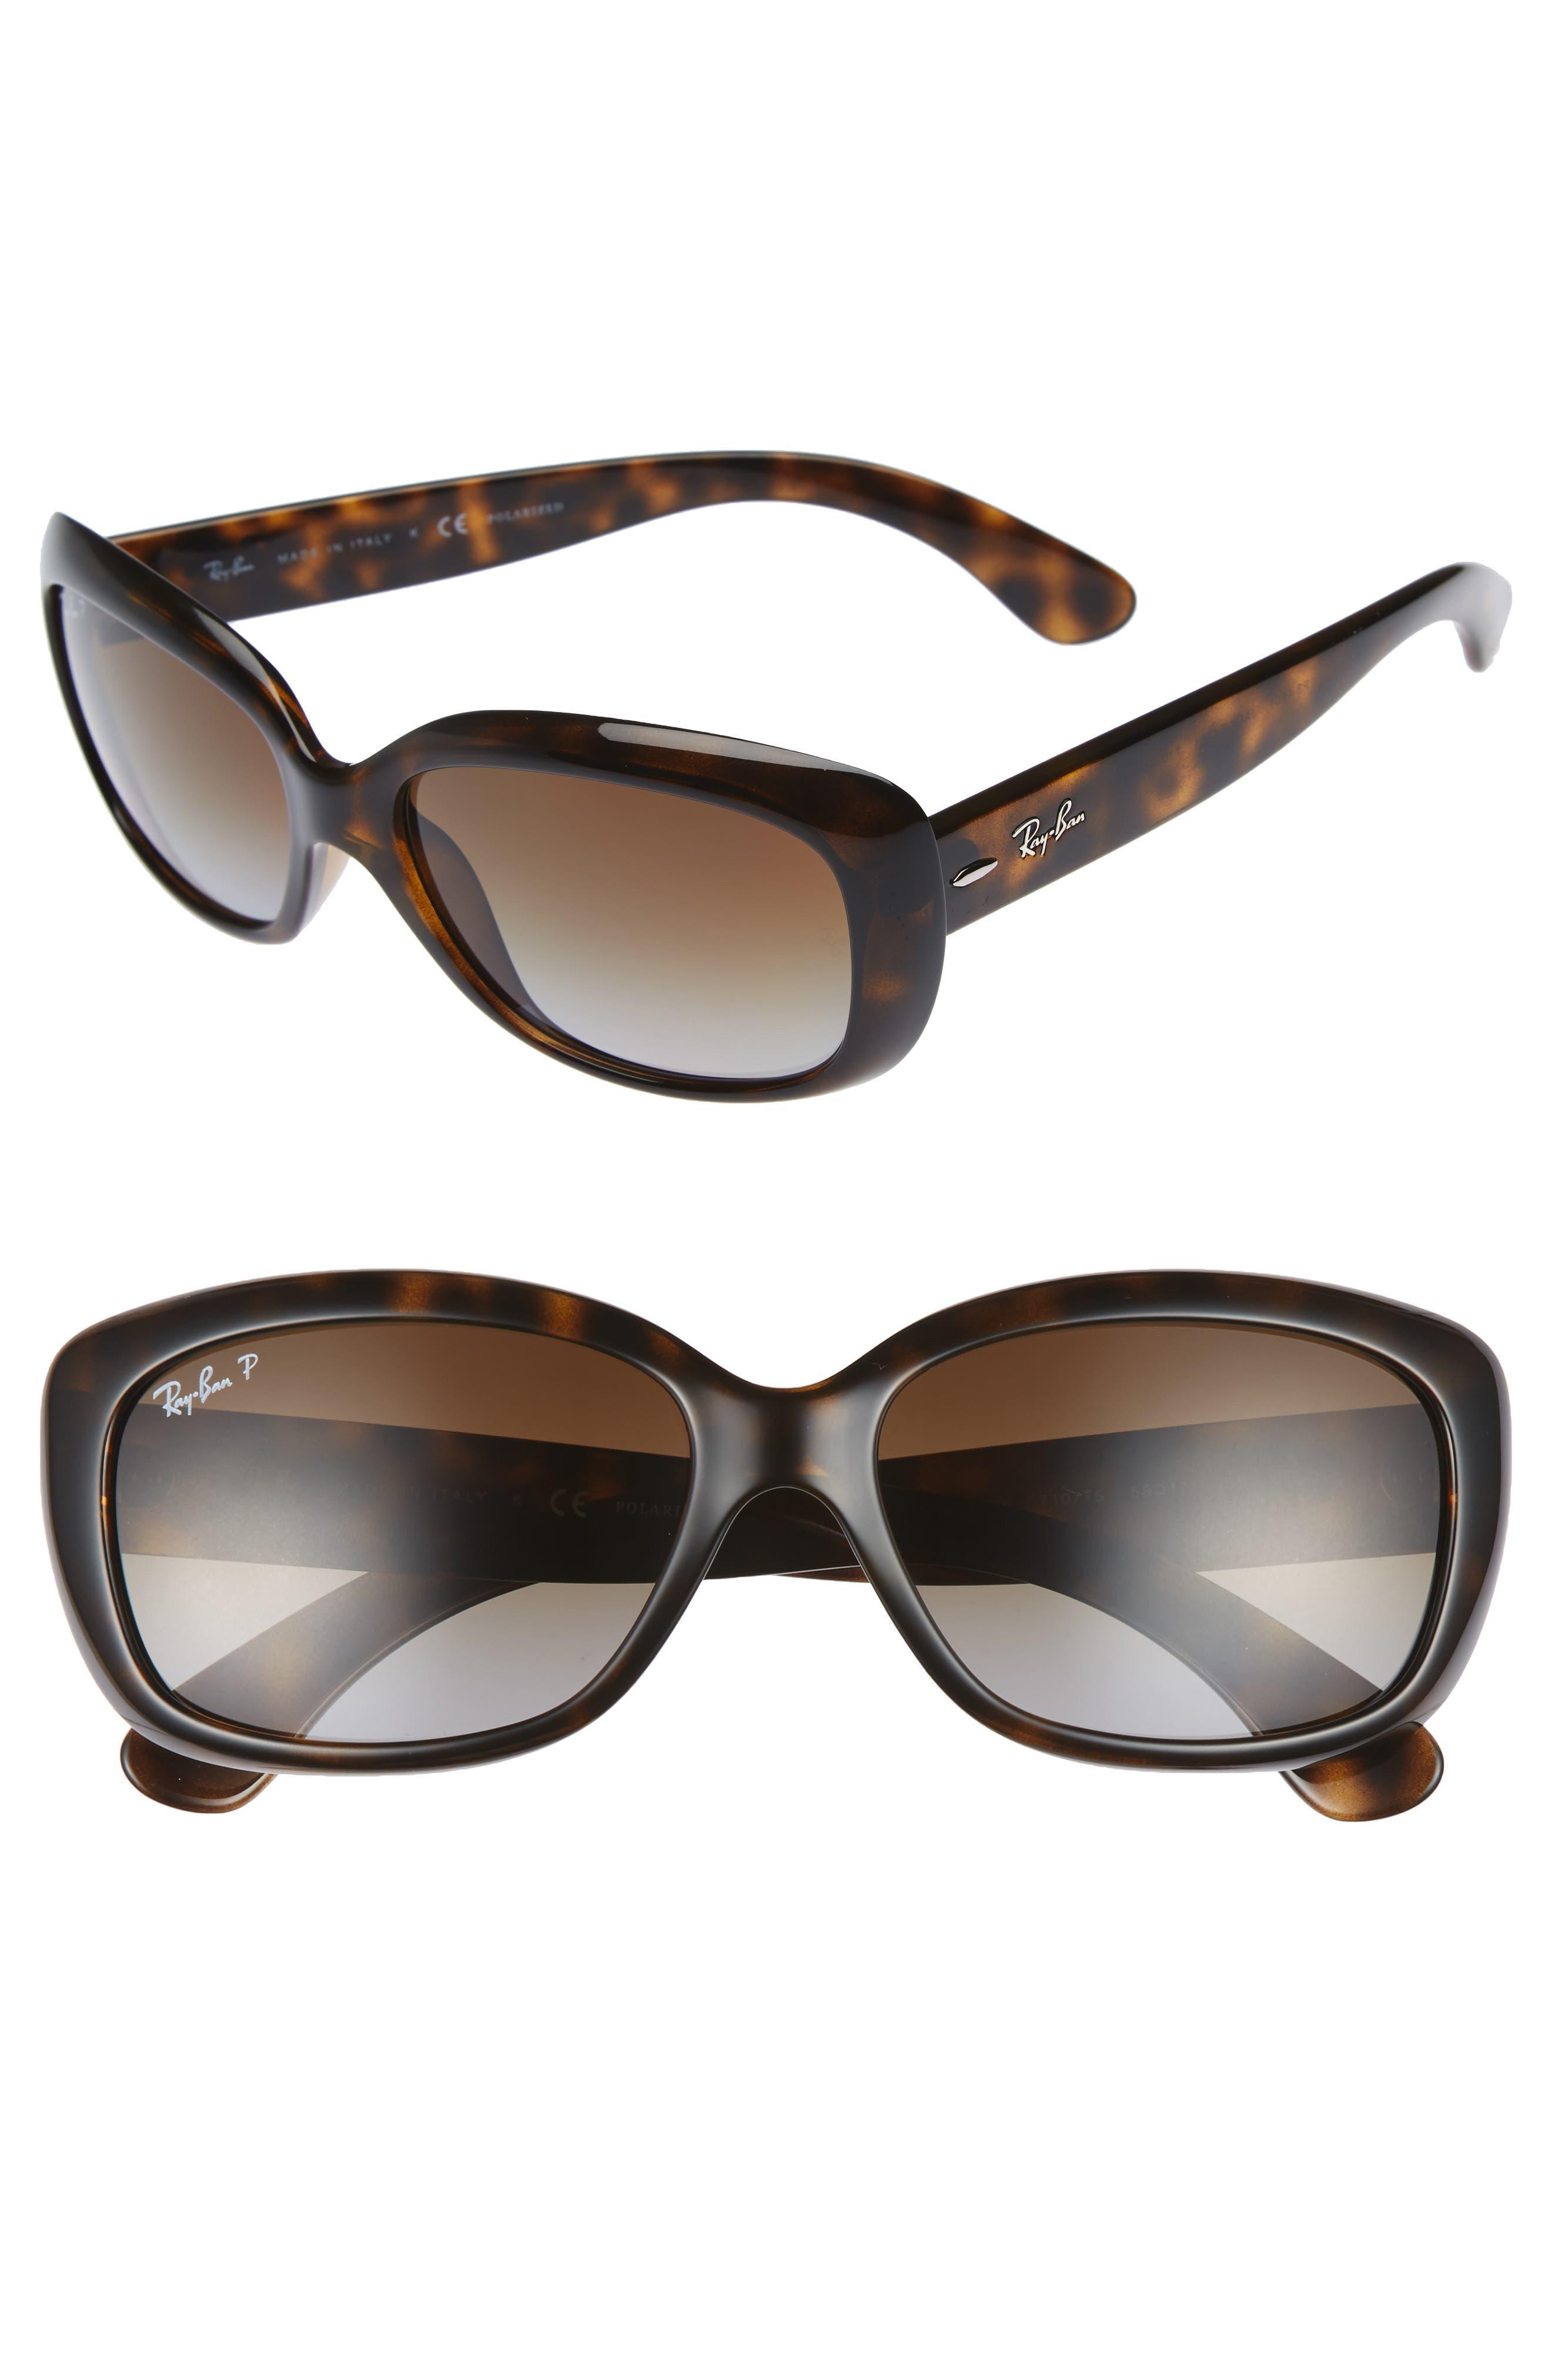 Ray-Ban 5m Polarized Sunglasses - Havana